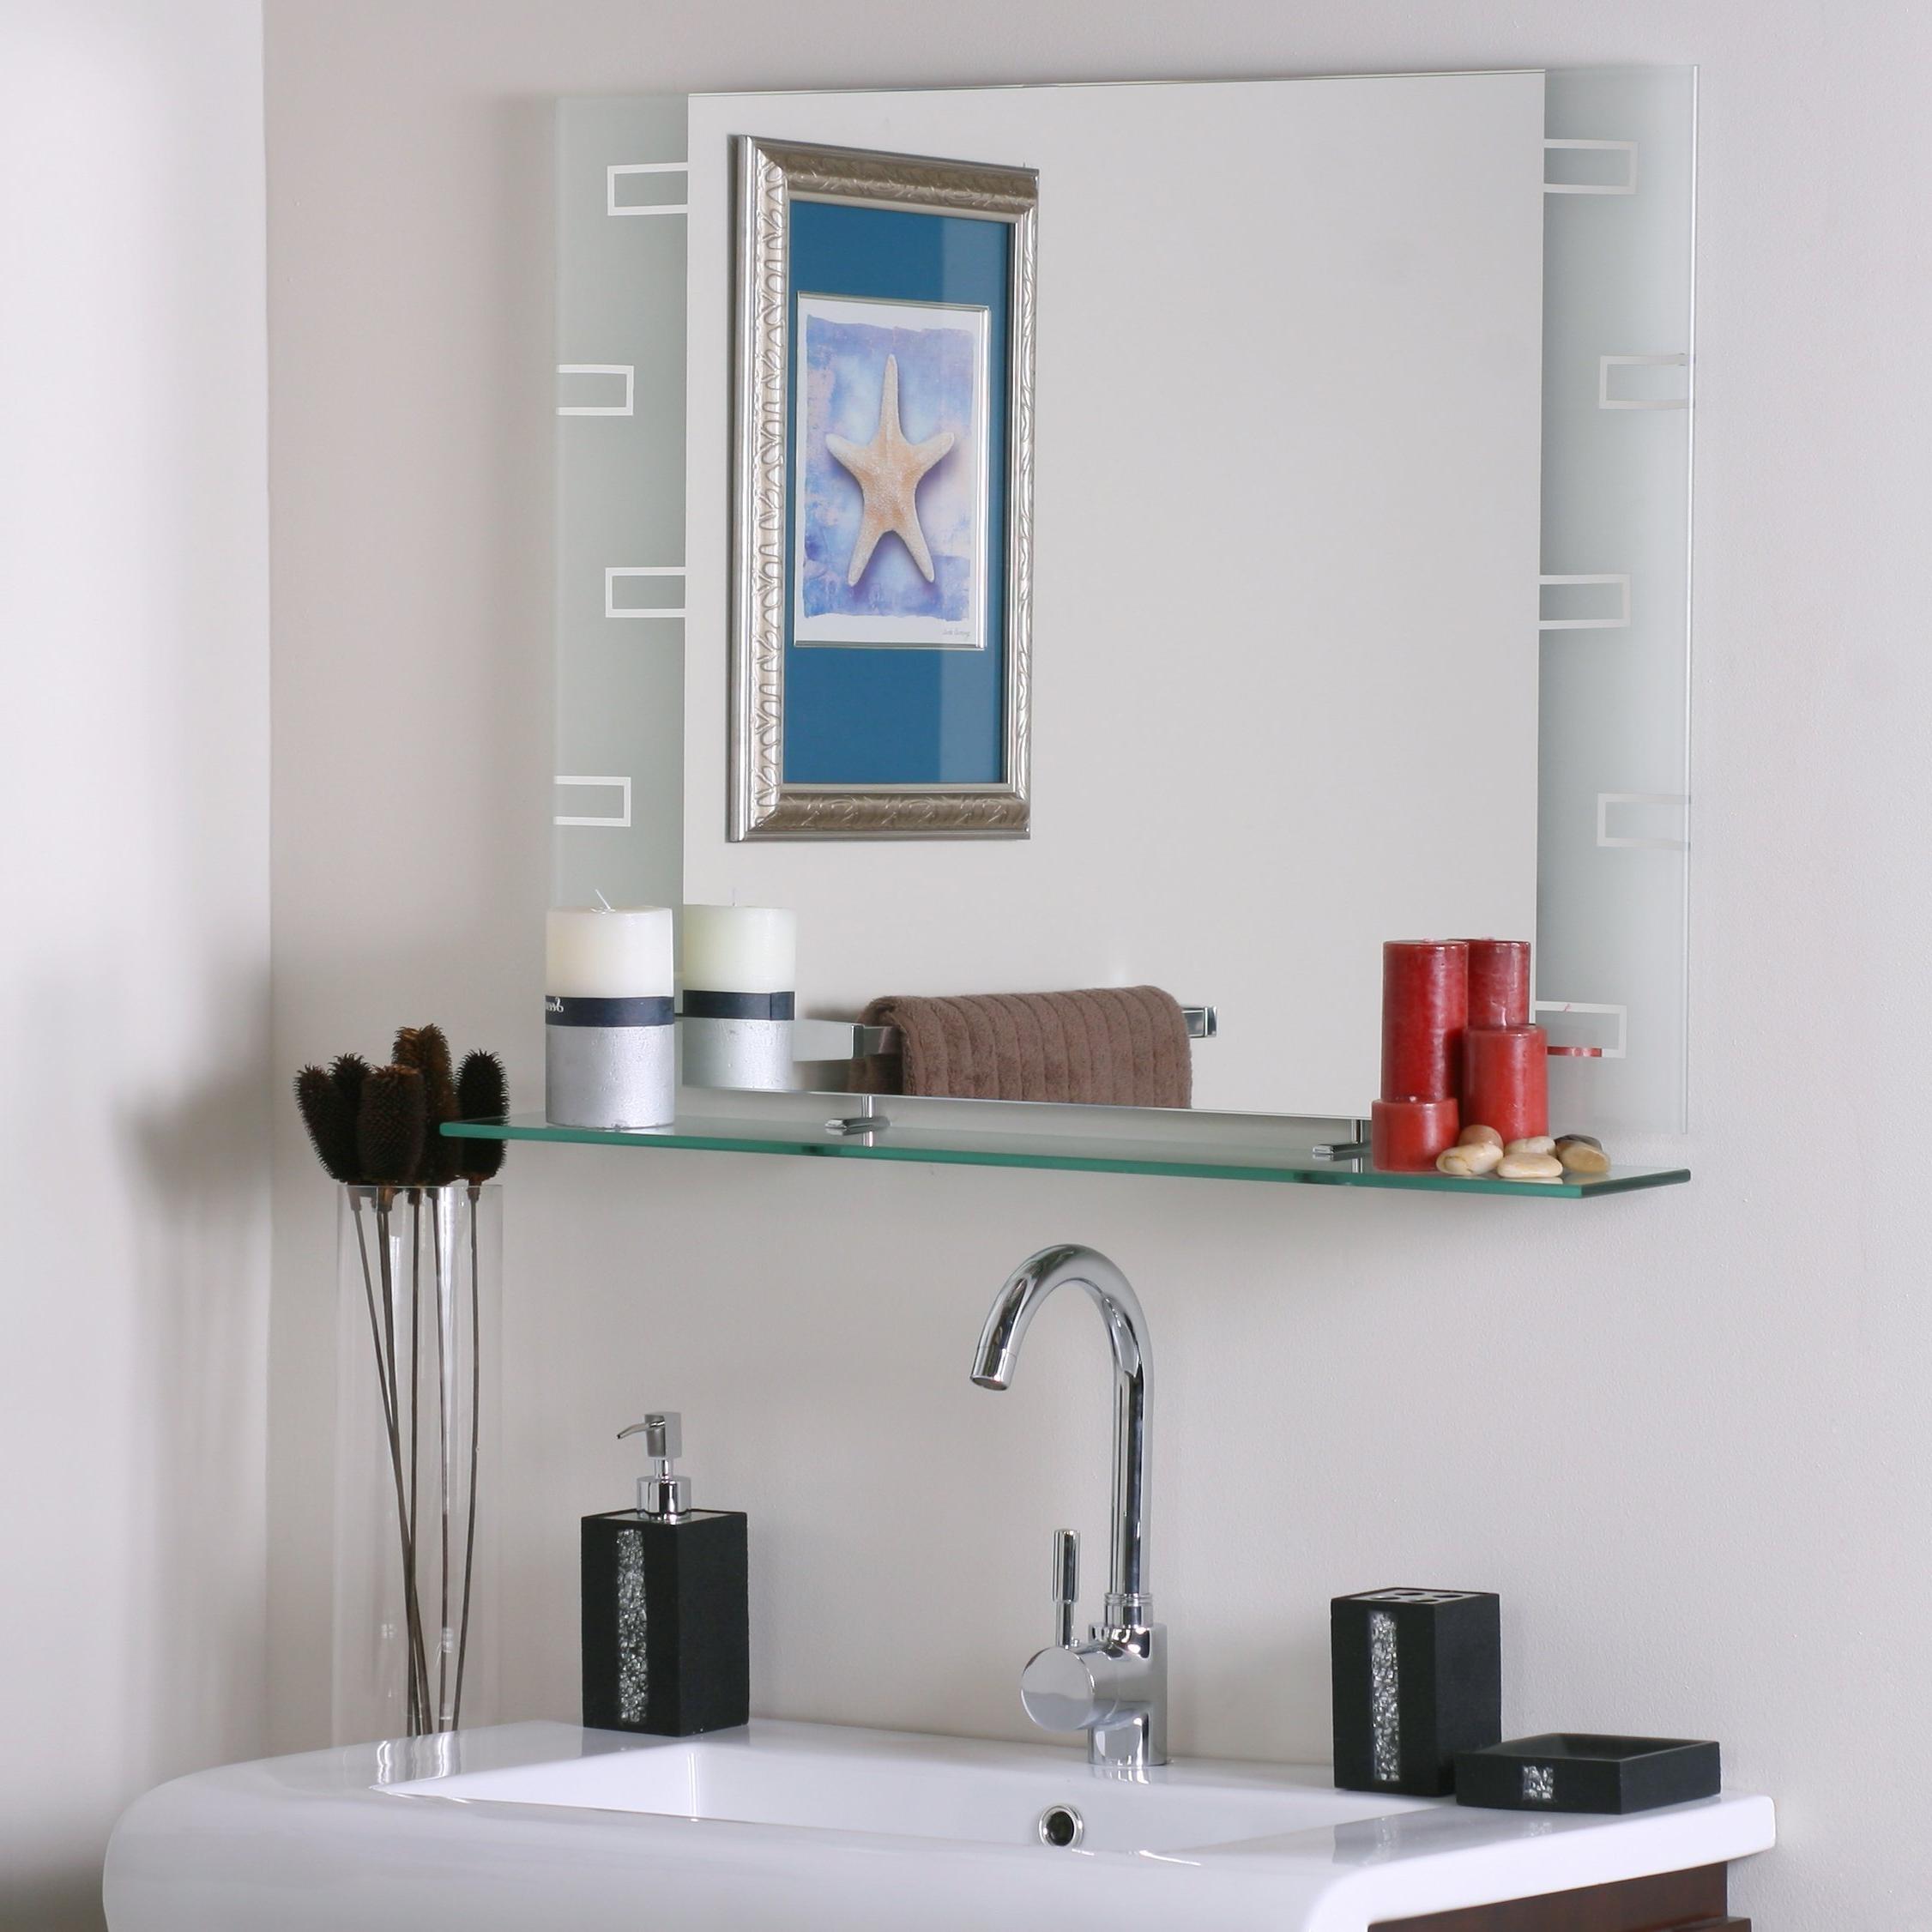 Recent Wyona Frameless Wall Mirror With Shelf Within Wall Mirrors With Shelf (View 7 of 20)